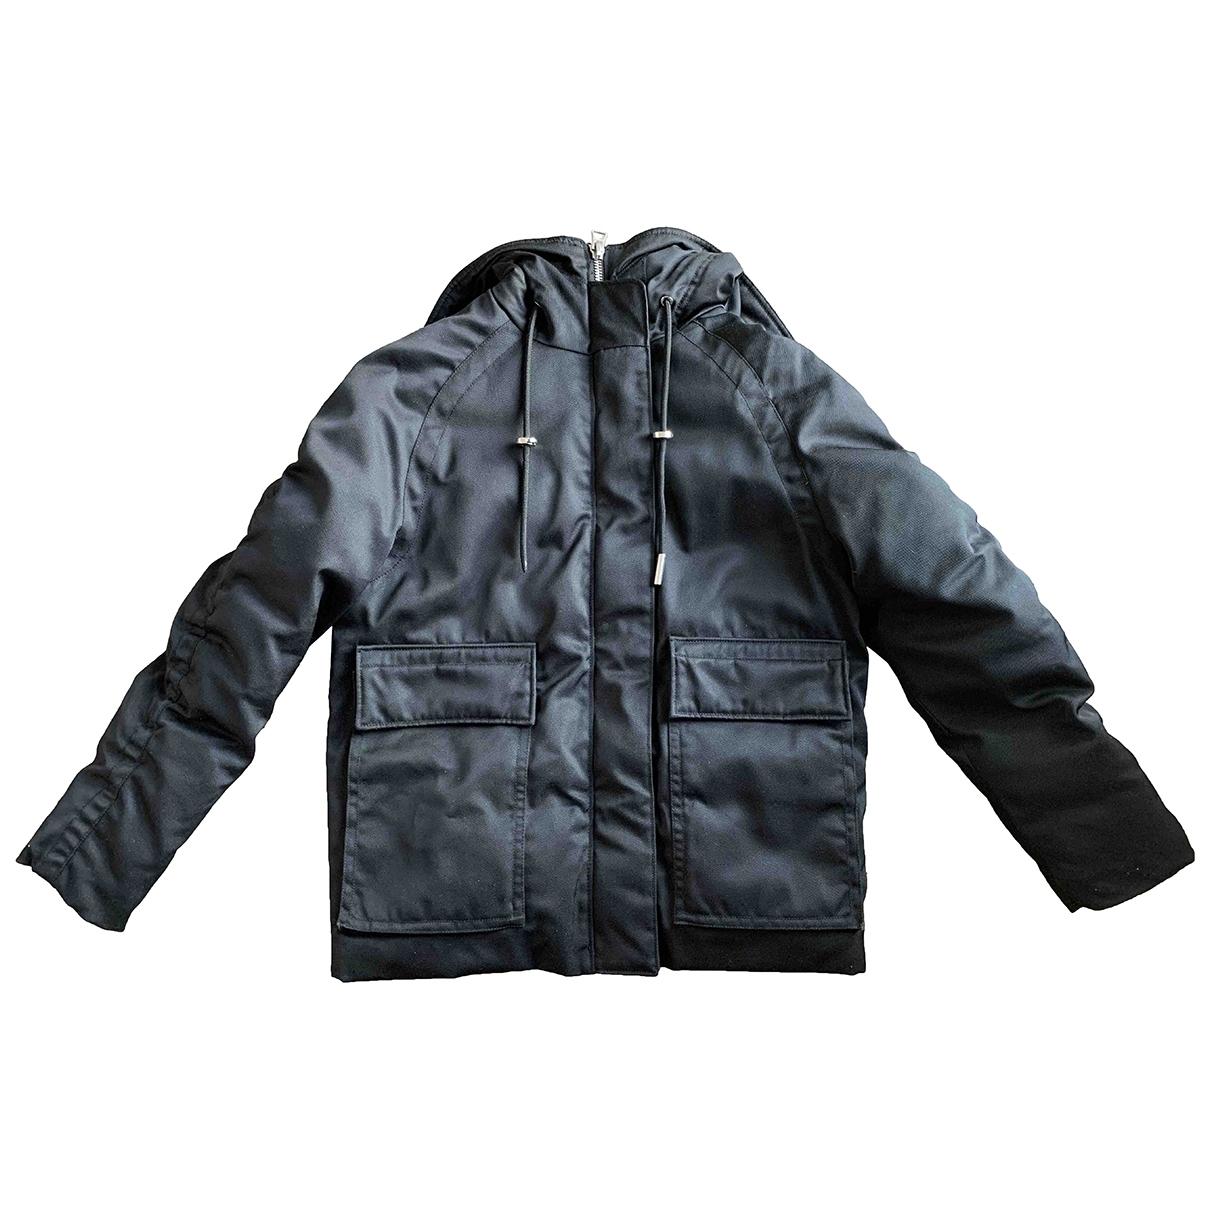 Acne Studios \N Black coat for Women 32 FR